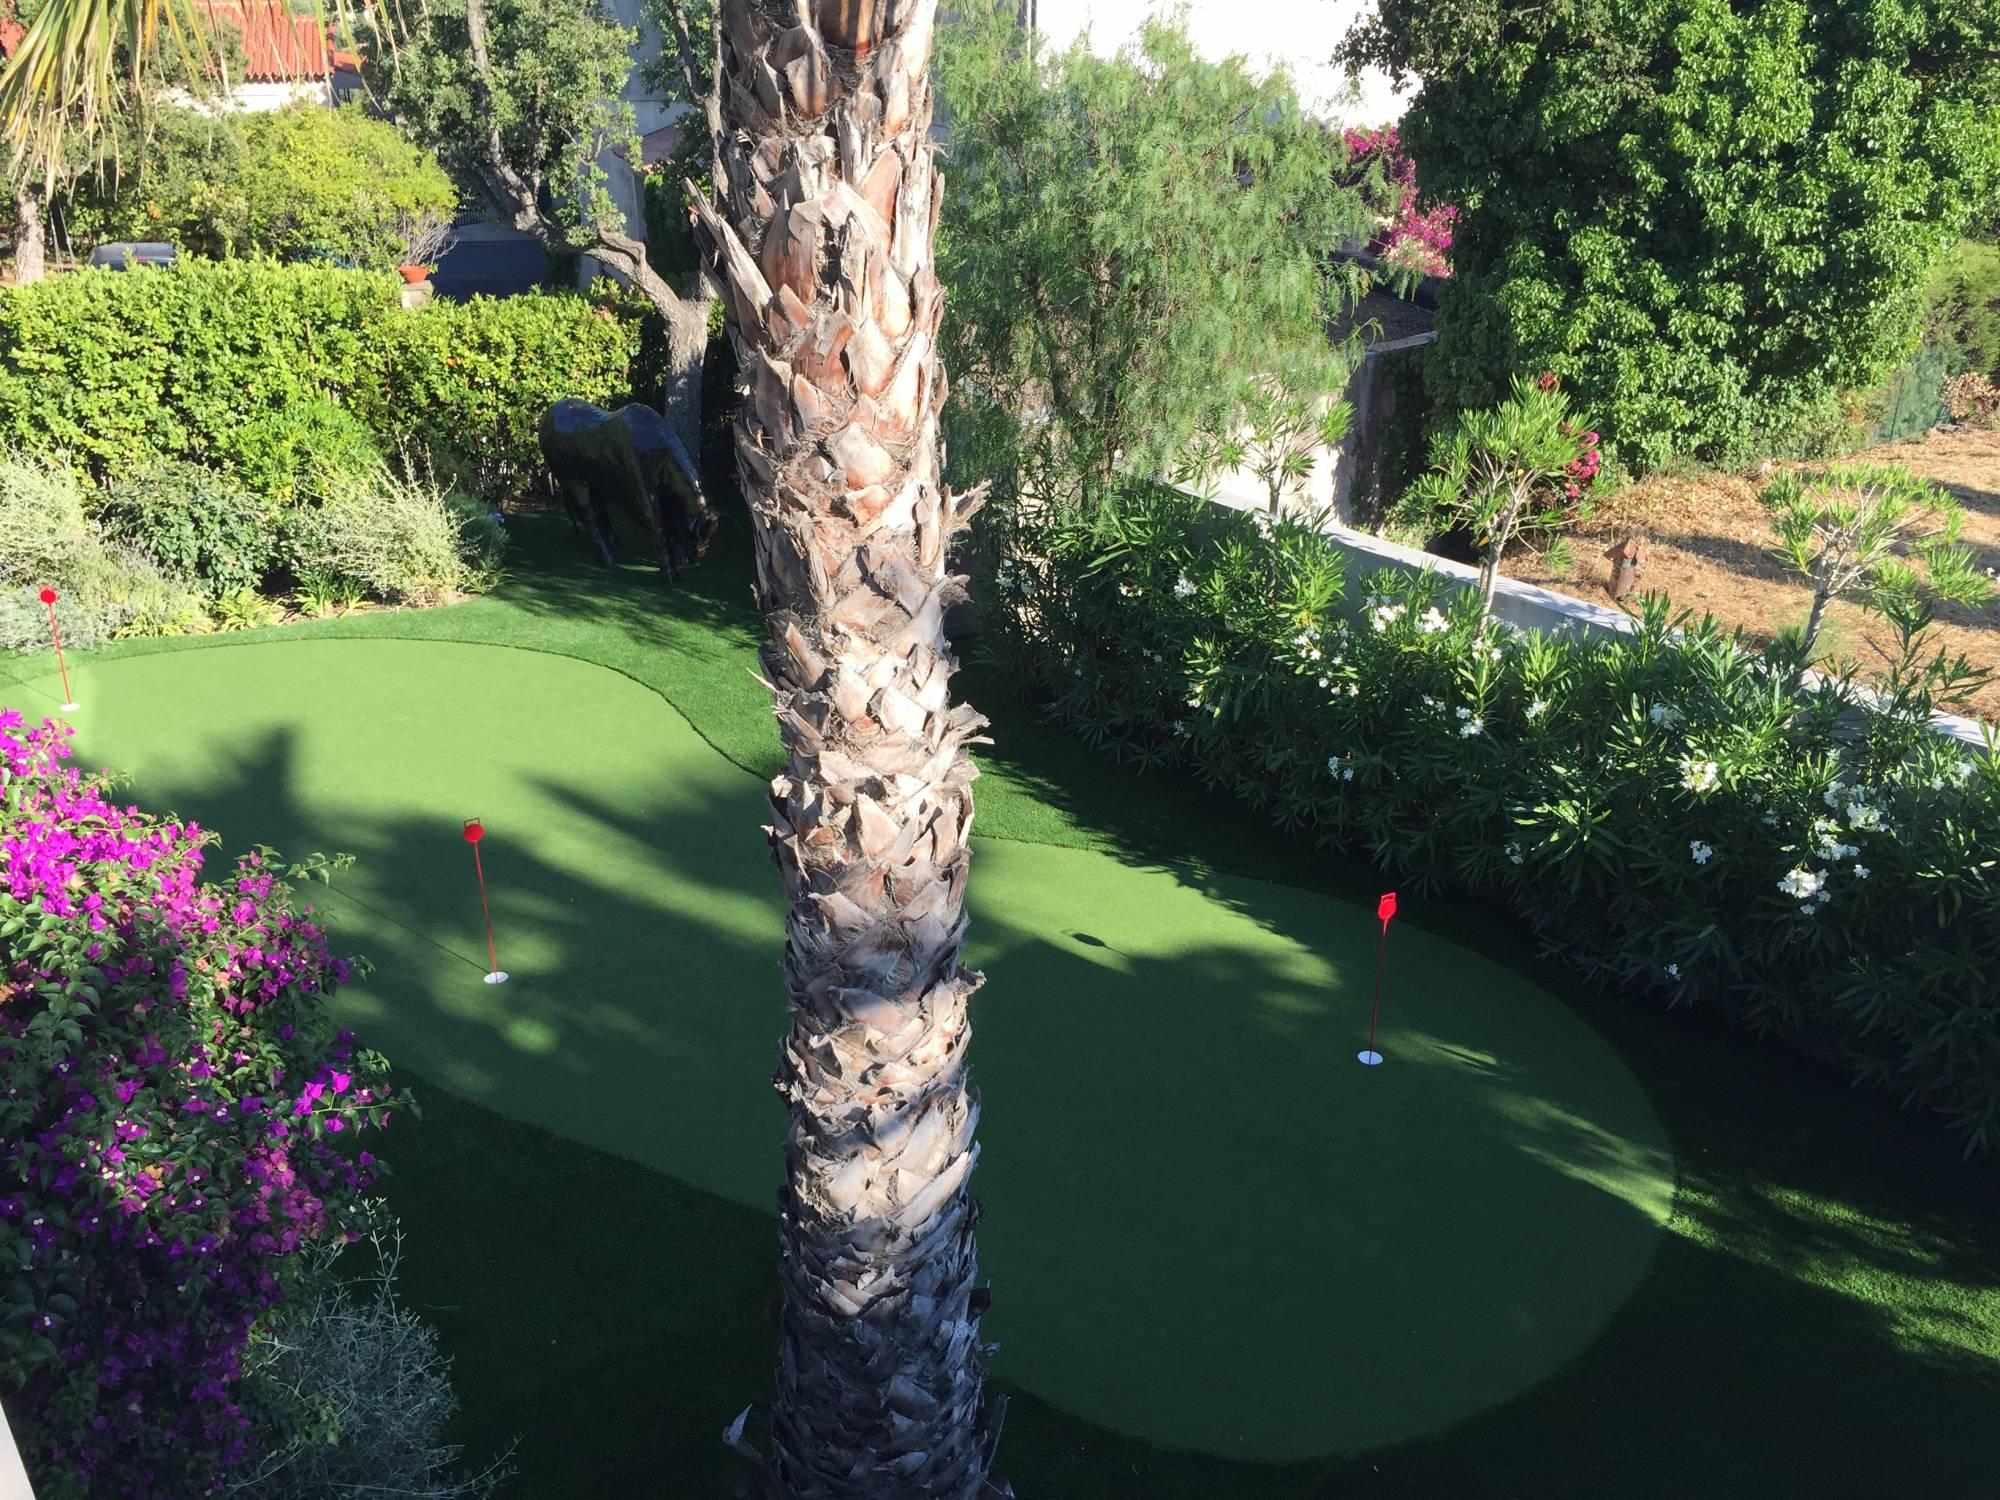 green de golf synthétique à sainte Maxime dans le Var, 83